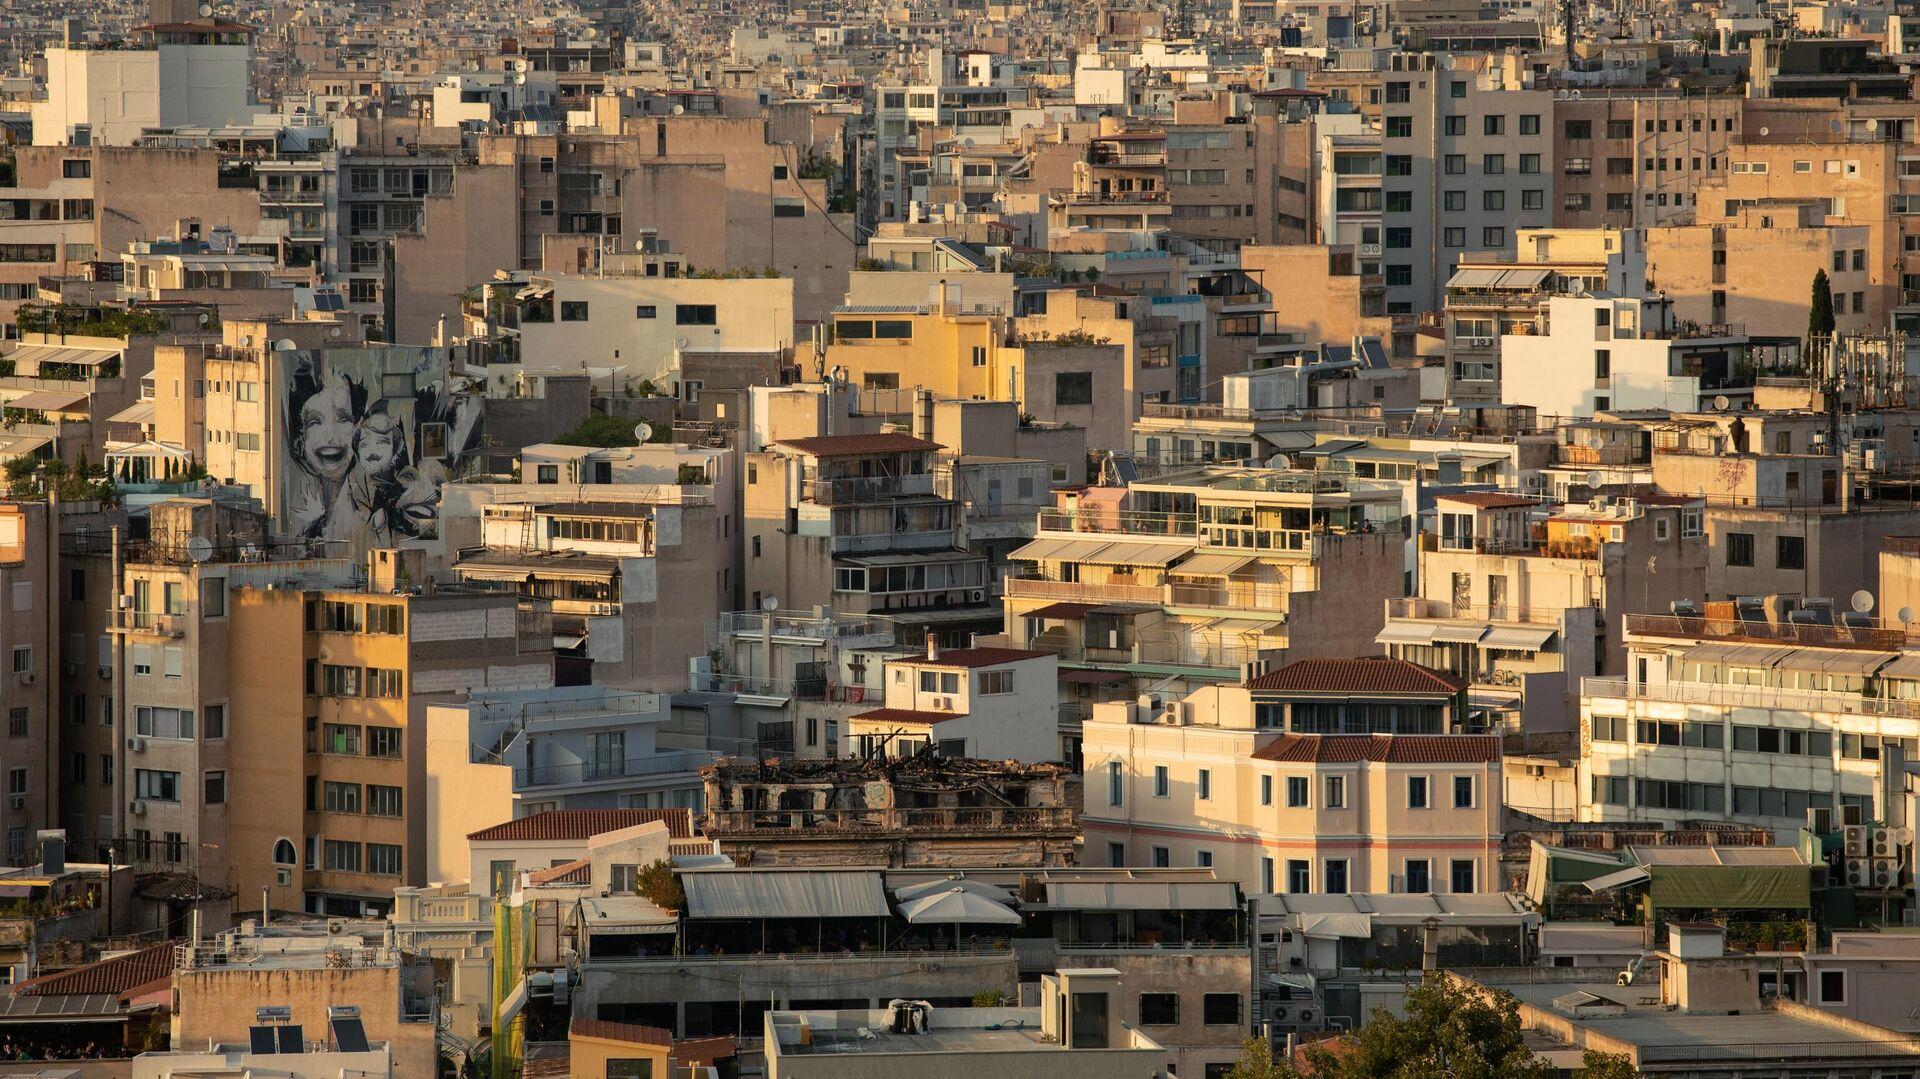 Вид на город с холма Акрополь в Афинах - РИА Новости, 1920, 02.01.2021